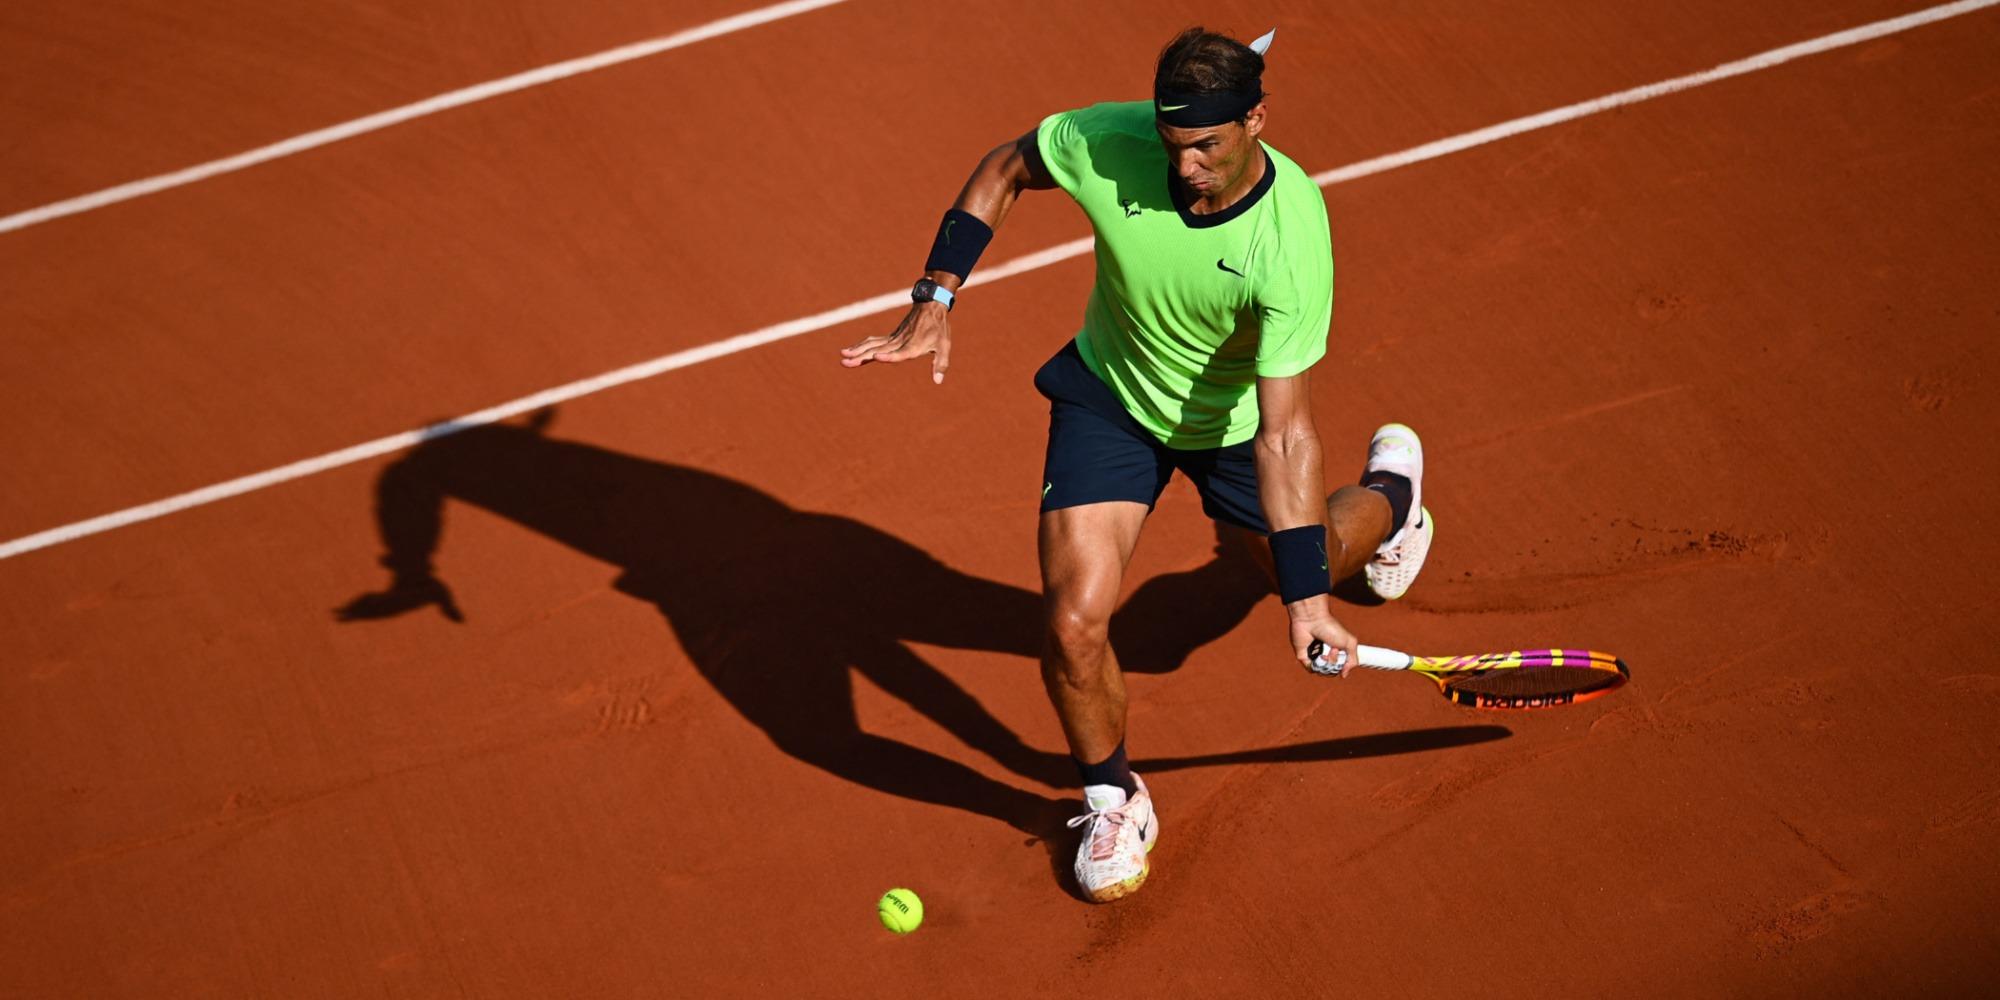 Tennis : Nadal renonce à participer à Wimbledon et aux Jeux olympiques de Tokyo